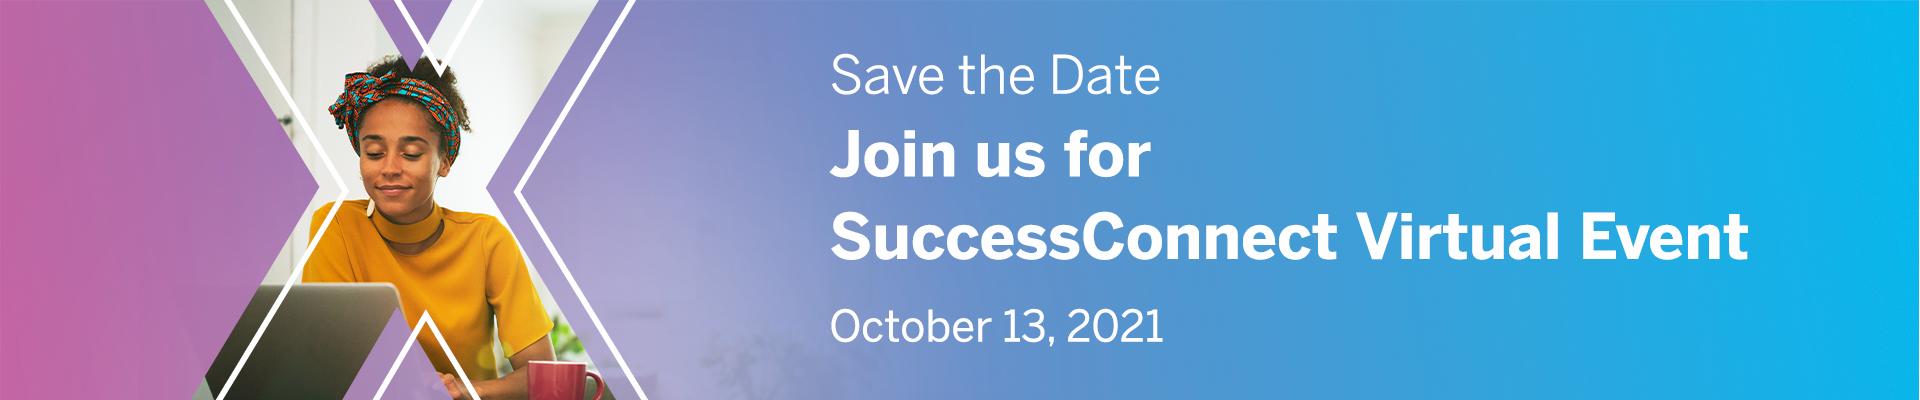 successconnect promo